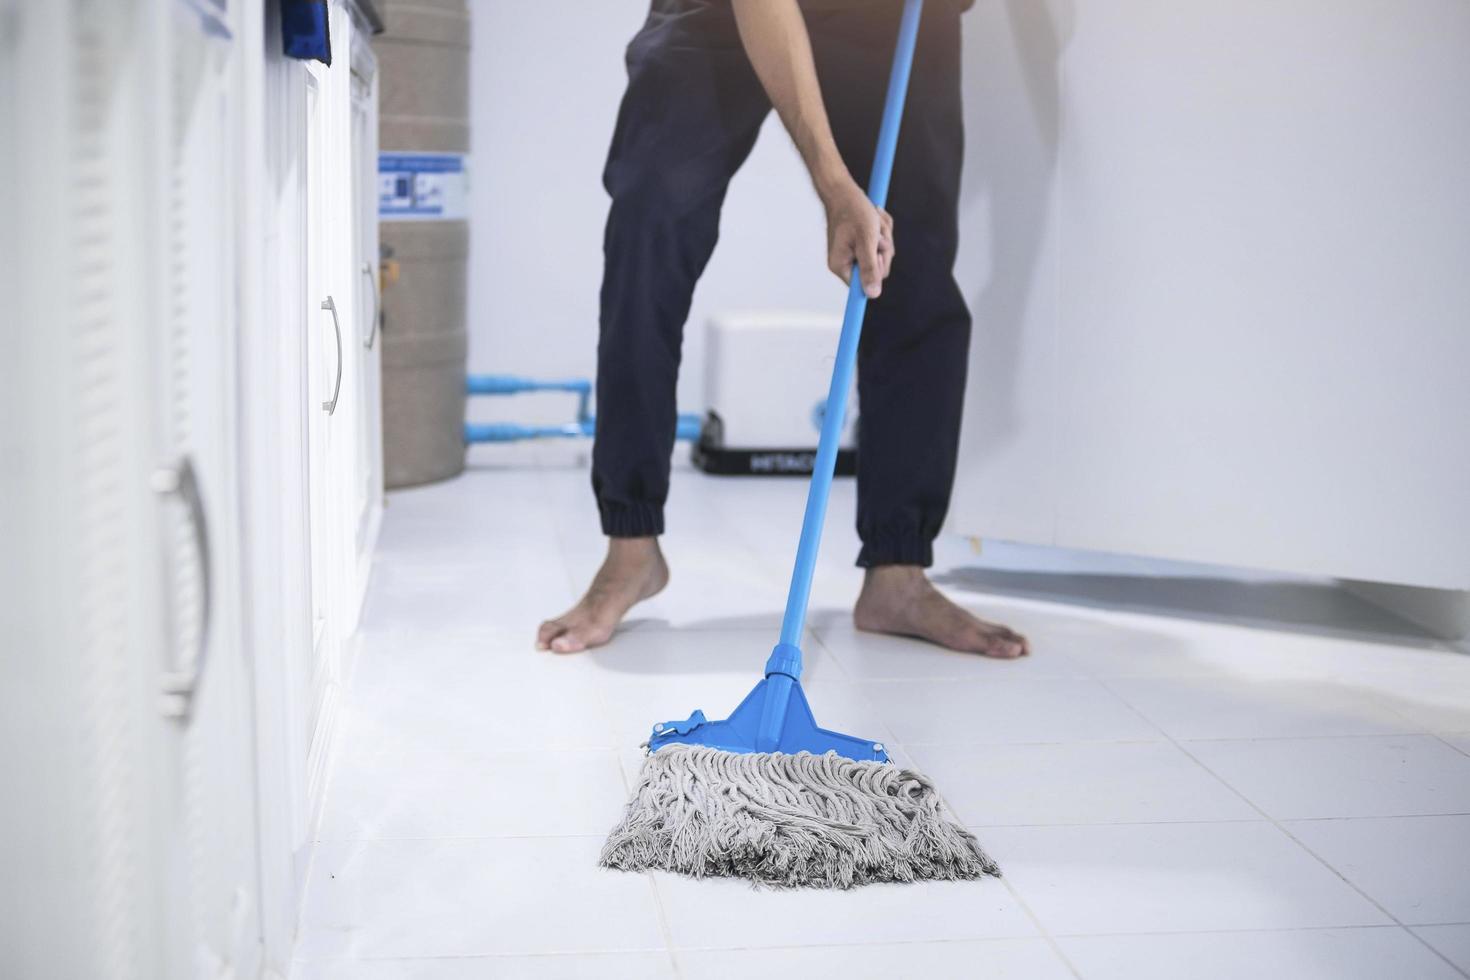 personne nettoyant le sol photo